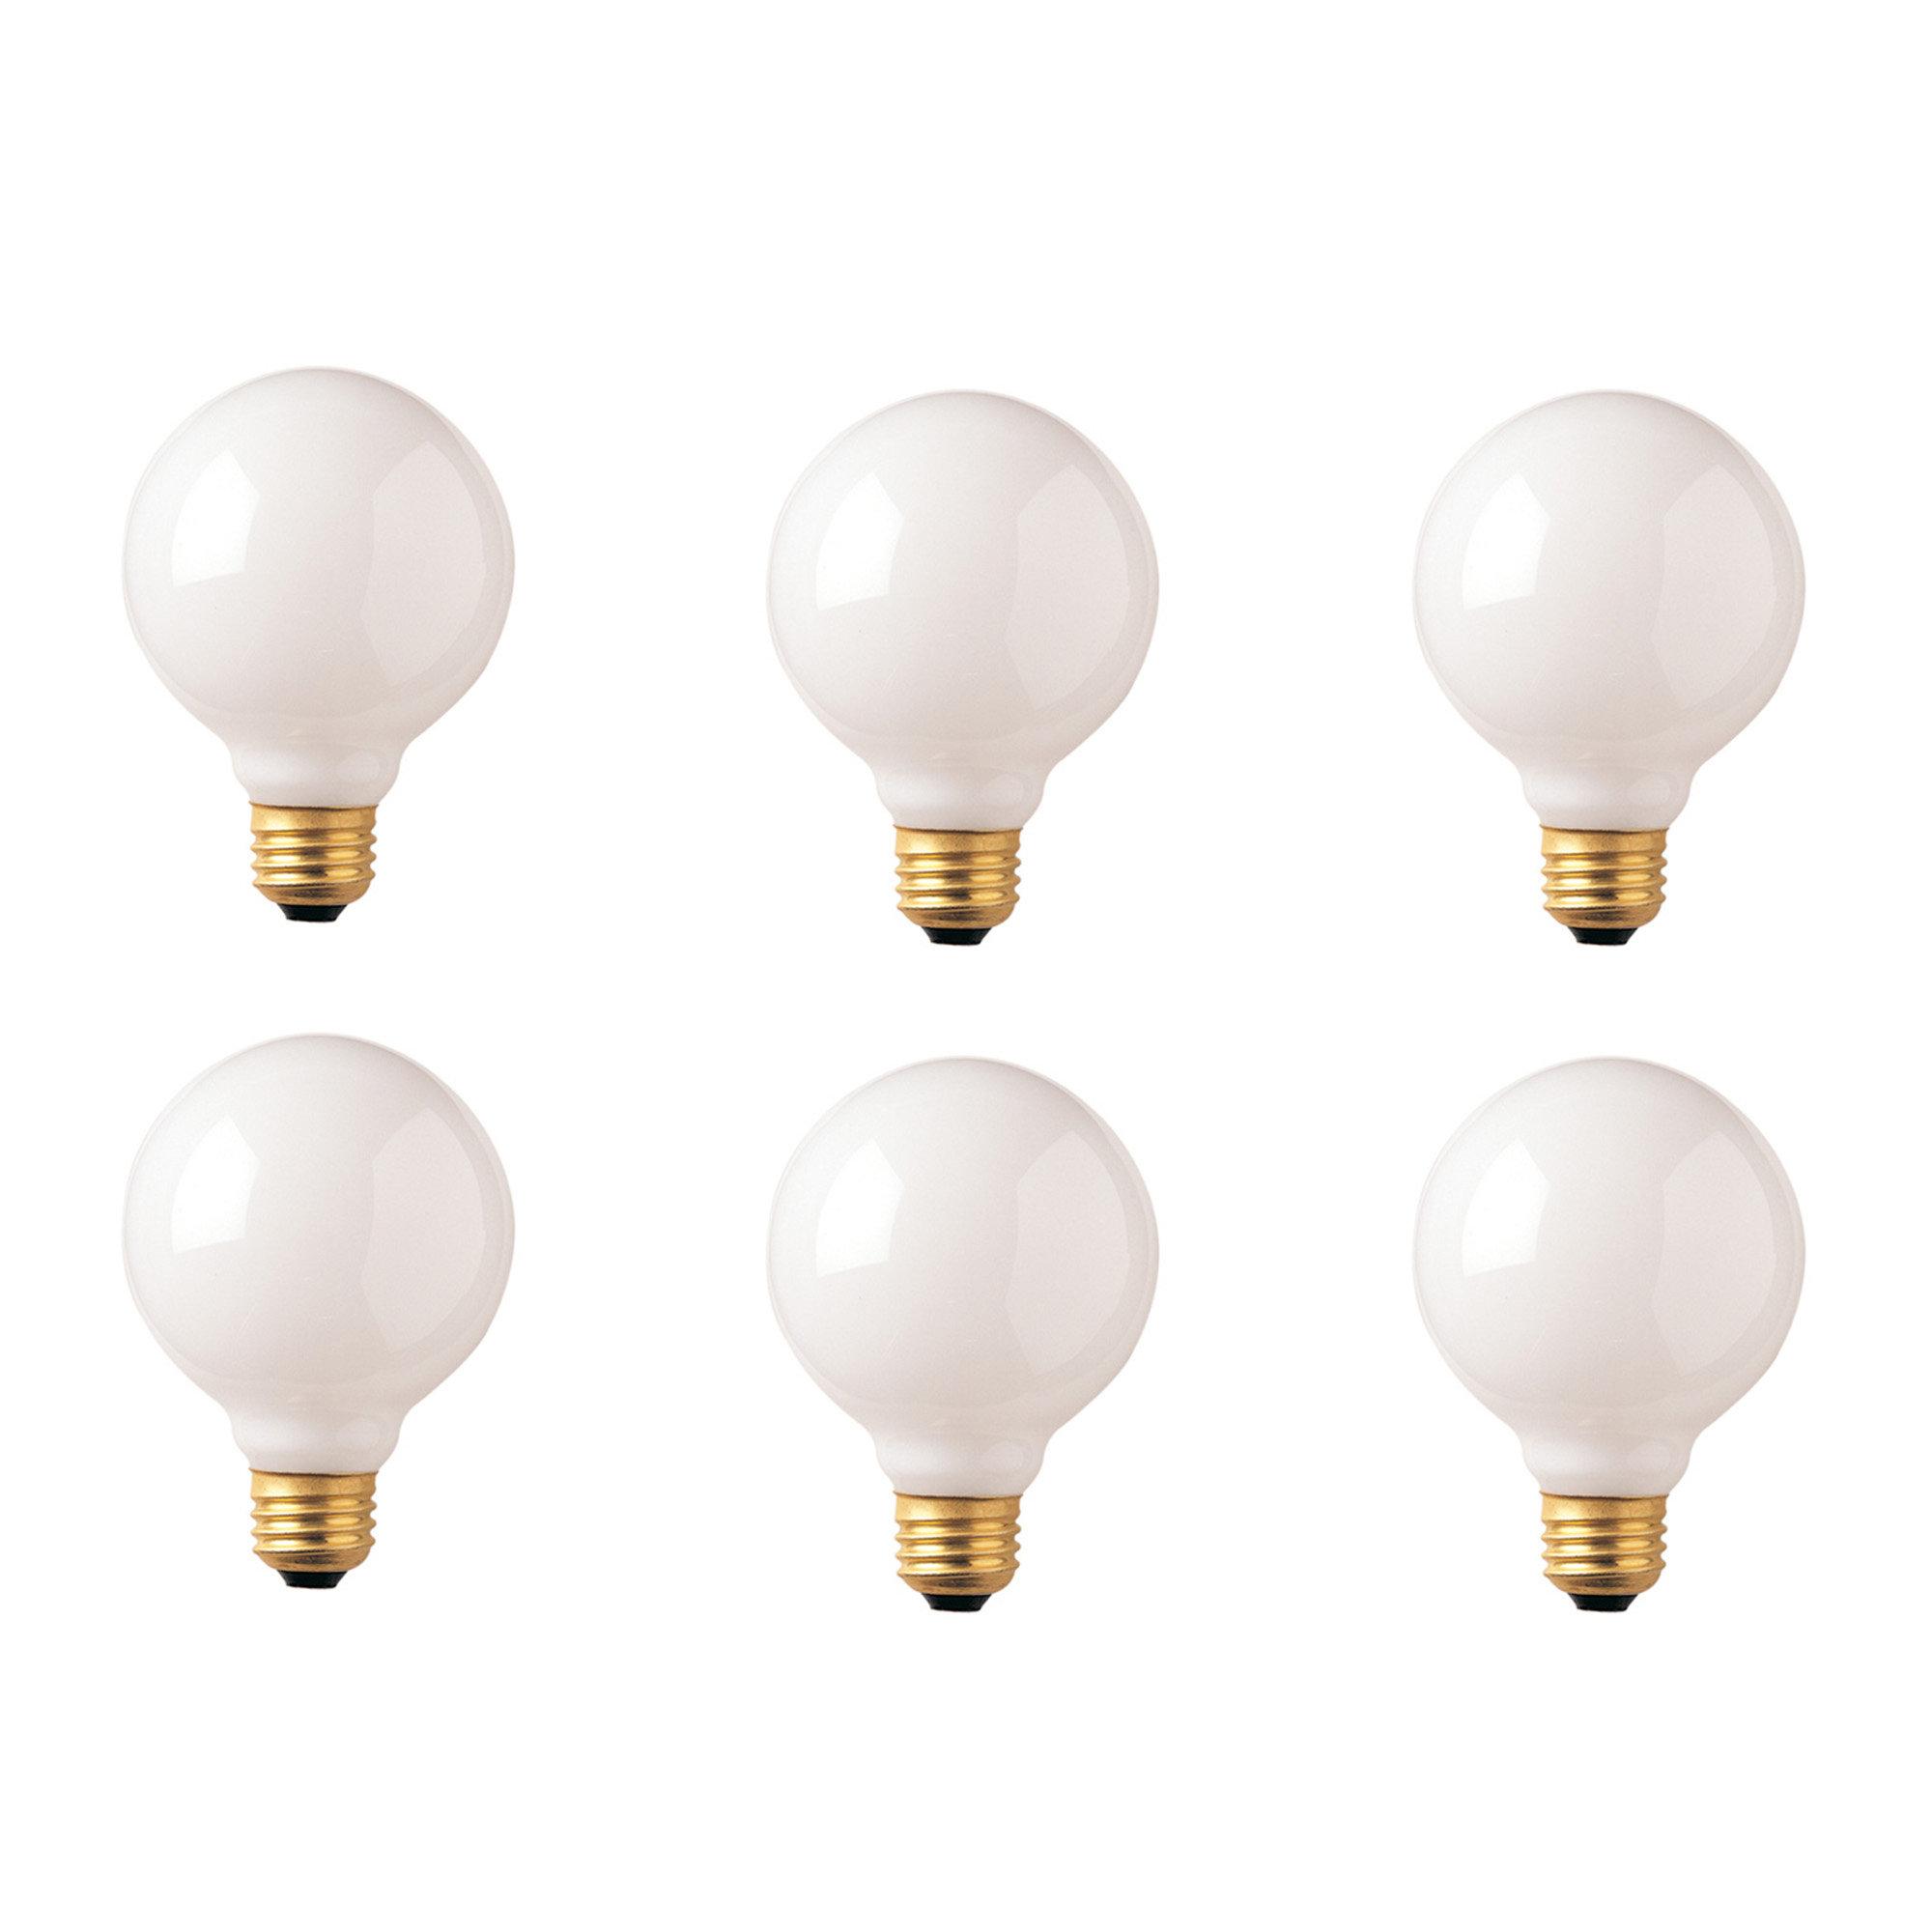 Bulbrite Industries 25 Watt G30 Incandescent Dimmable Light Bulb 2700k E26 Medium Standard Base Reviews Wayfair